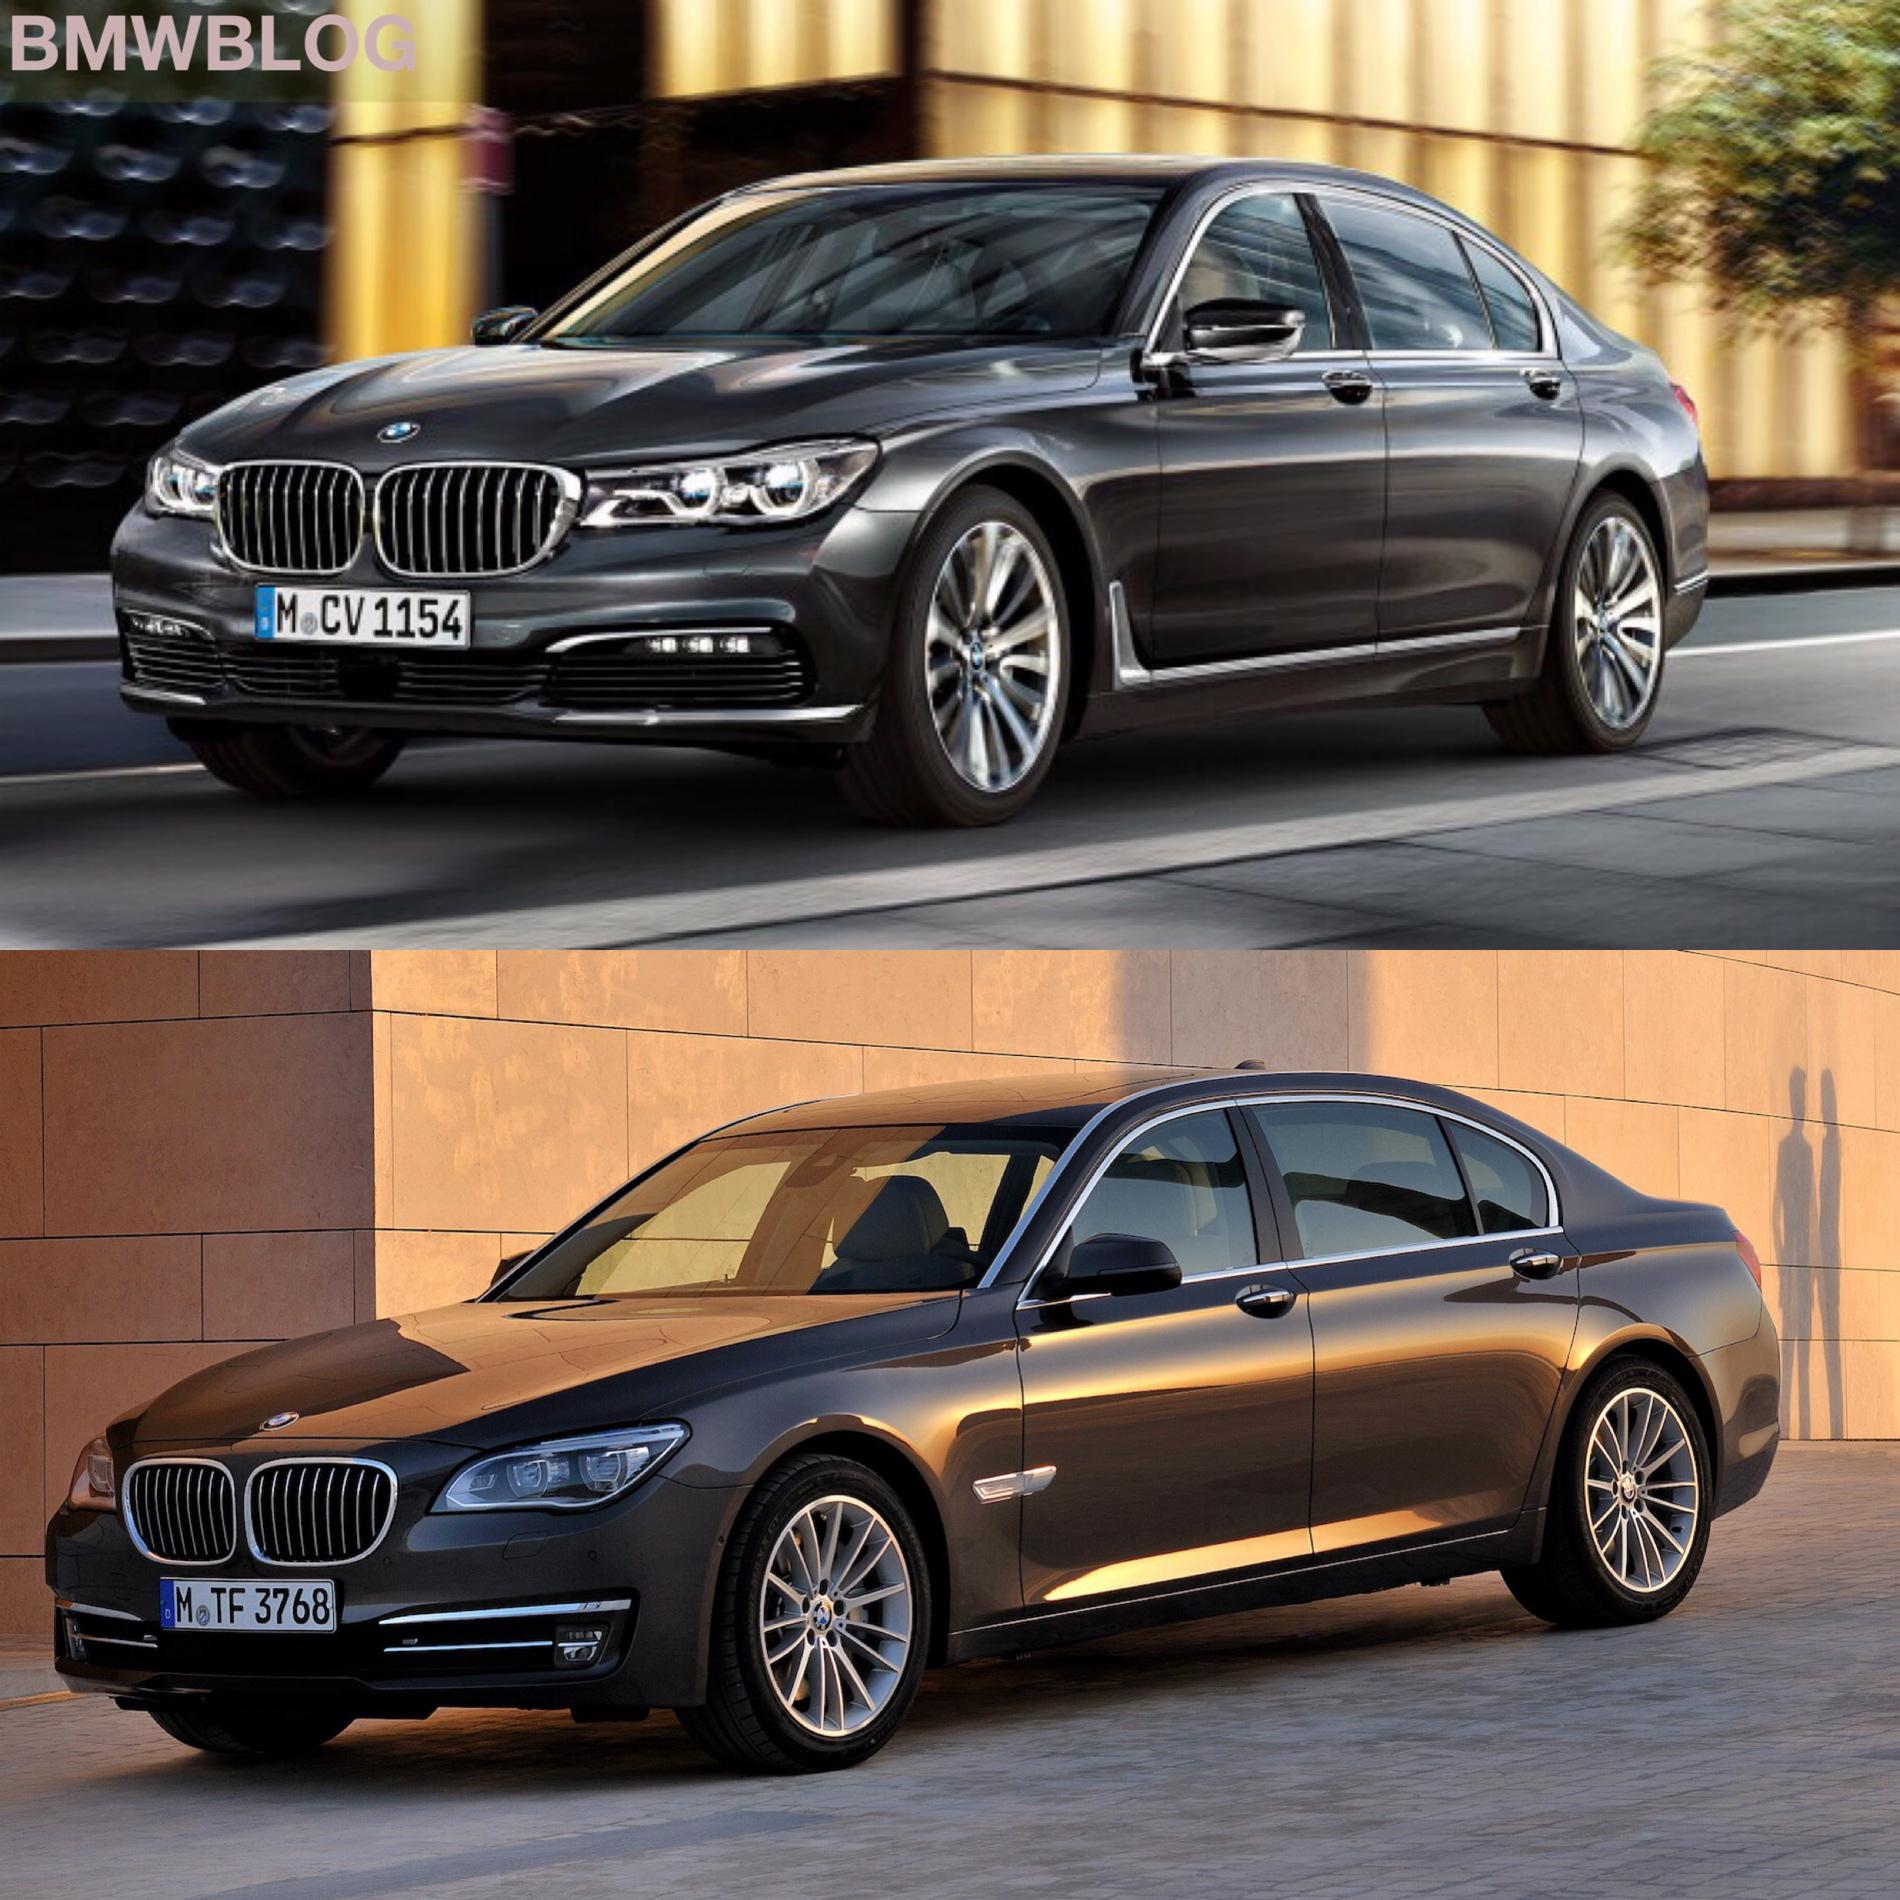 Photo Comparison G11 7 Series Vs F01 7 Series